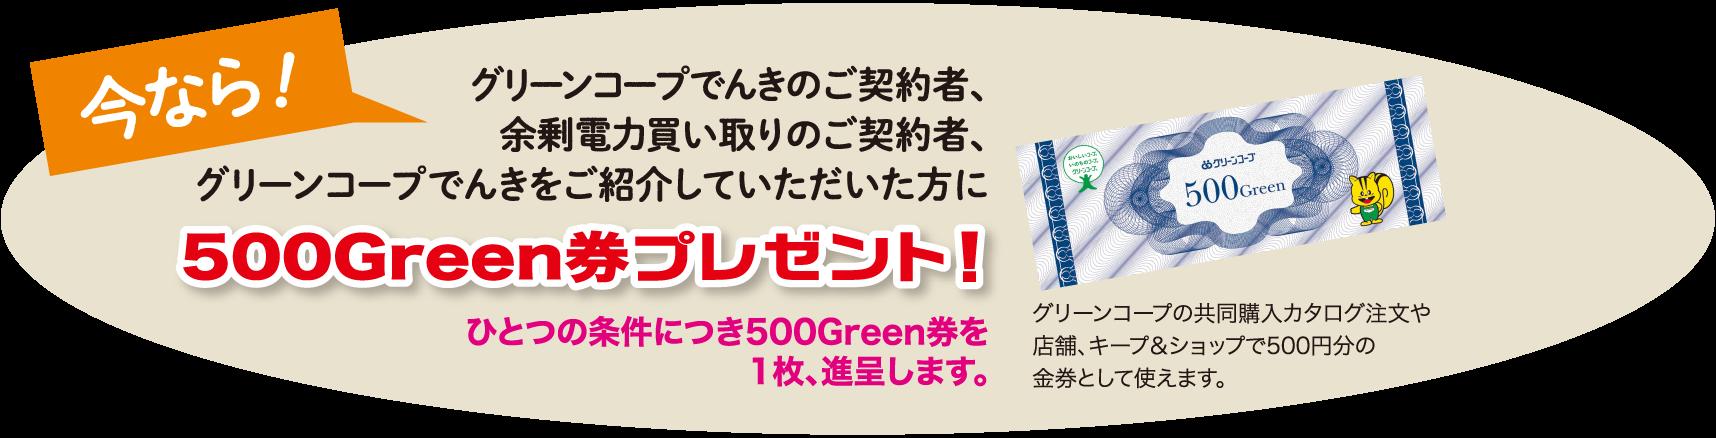 今ならご契約の方全員に500Green券プレゼント!